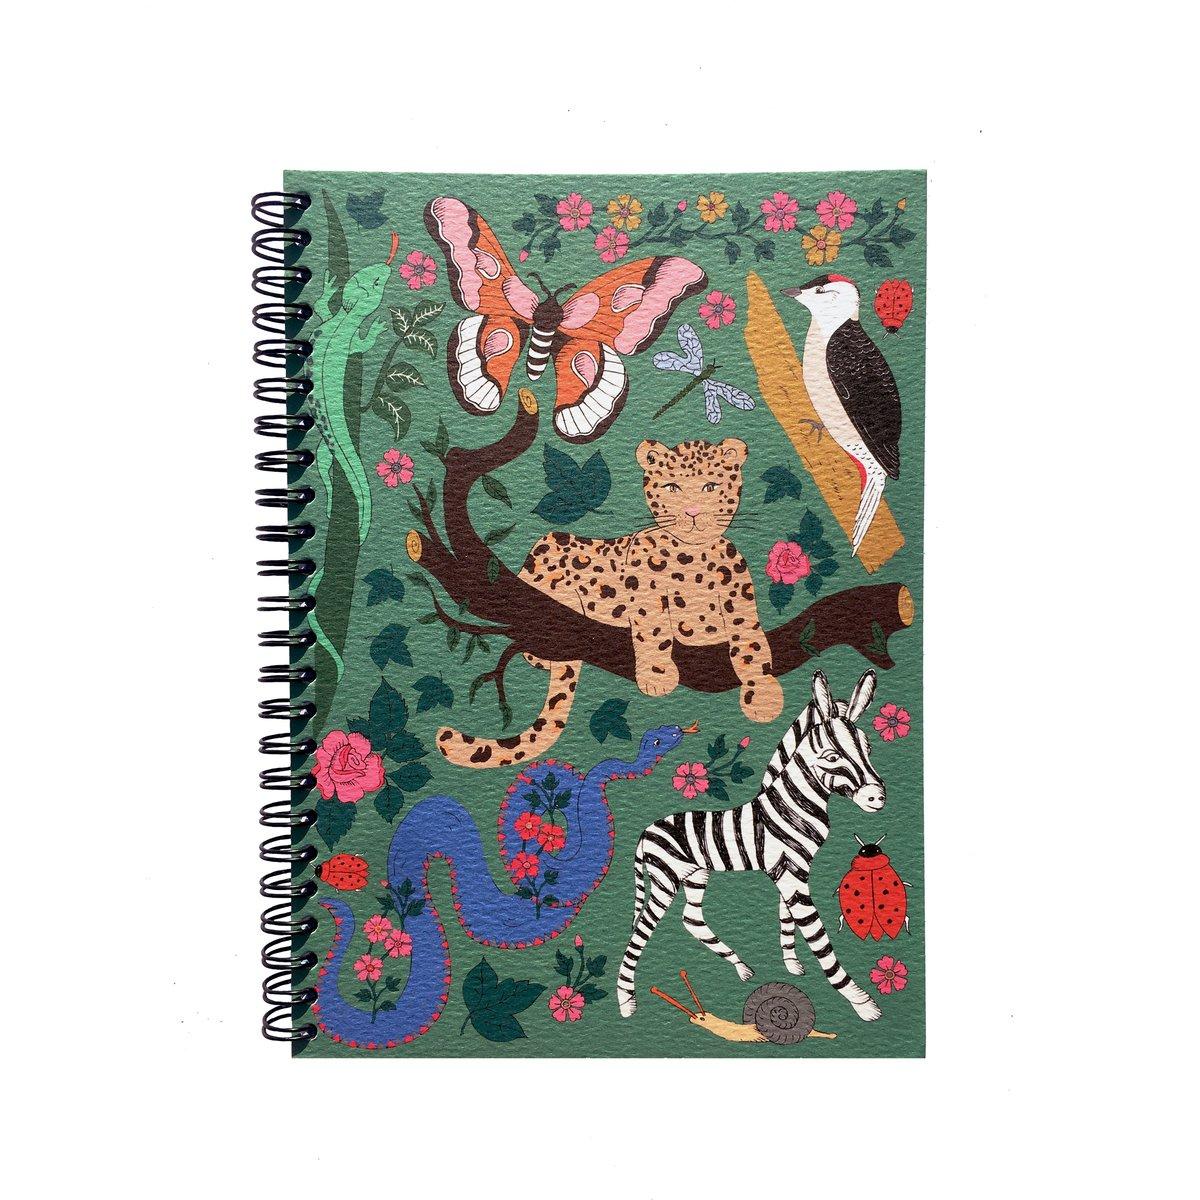 Flora and Fauna Spiral Bound A5 Notebook